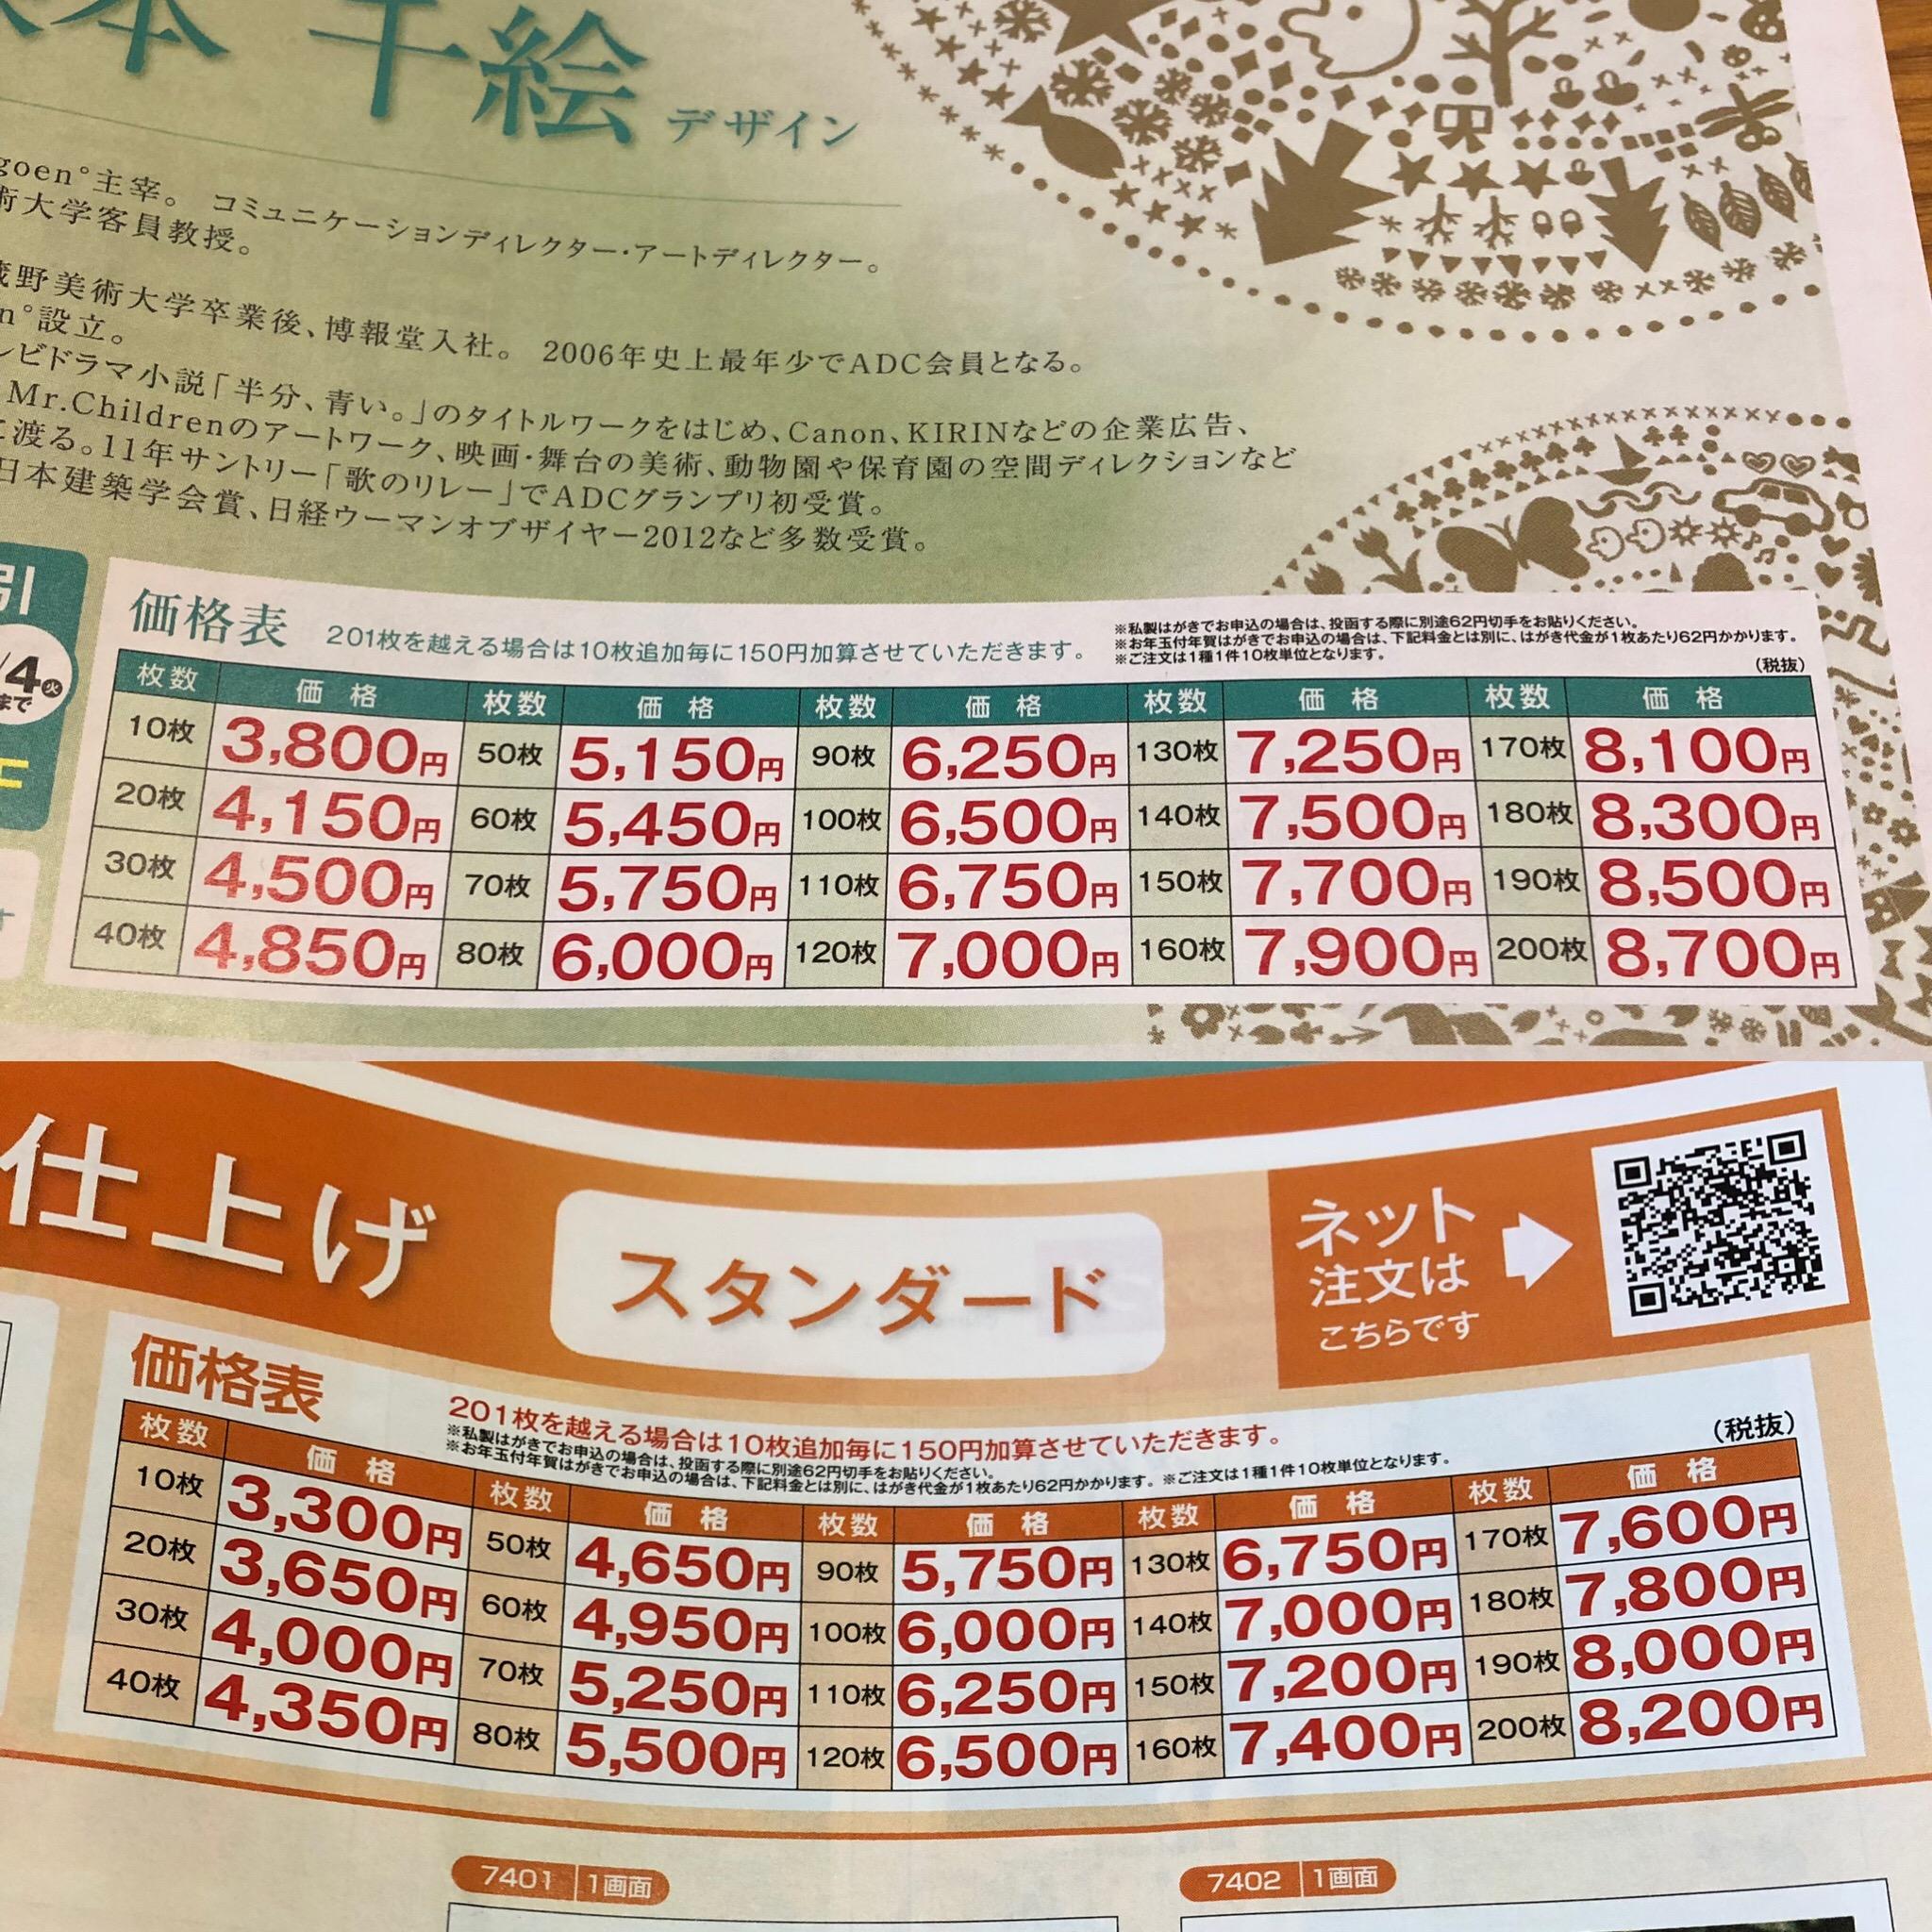 年賀状 印刷 キタムラ